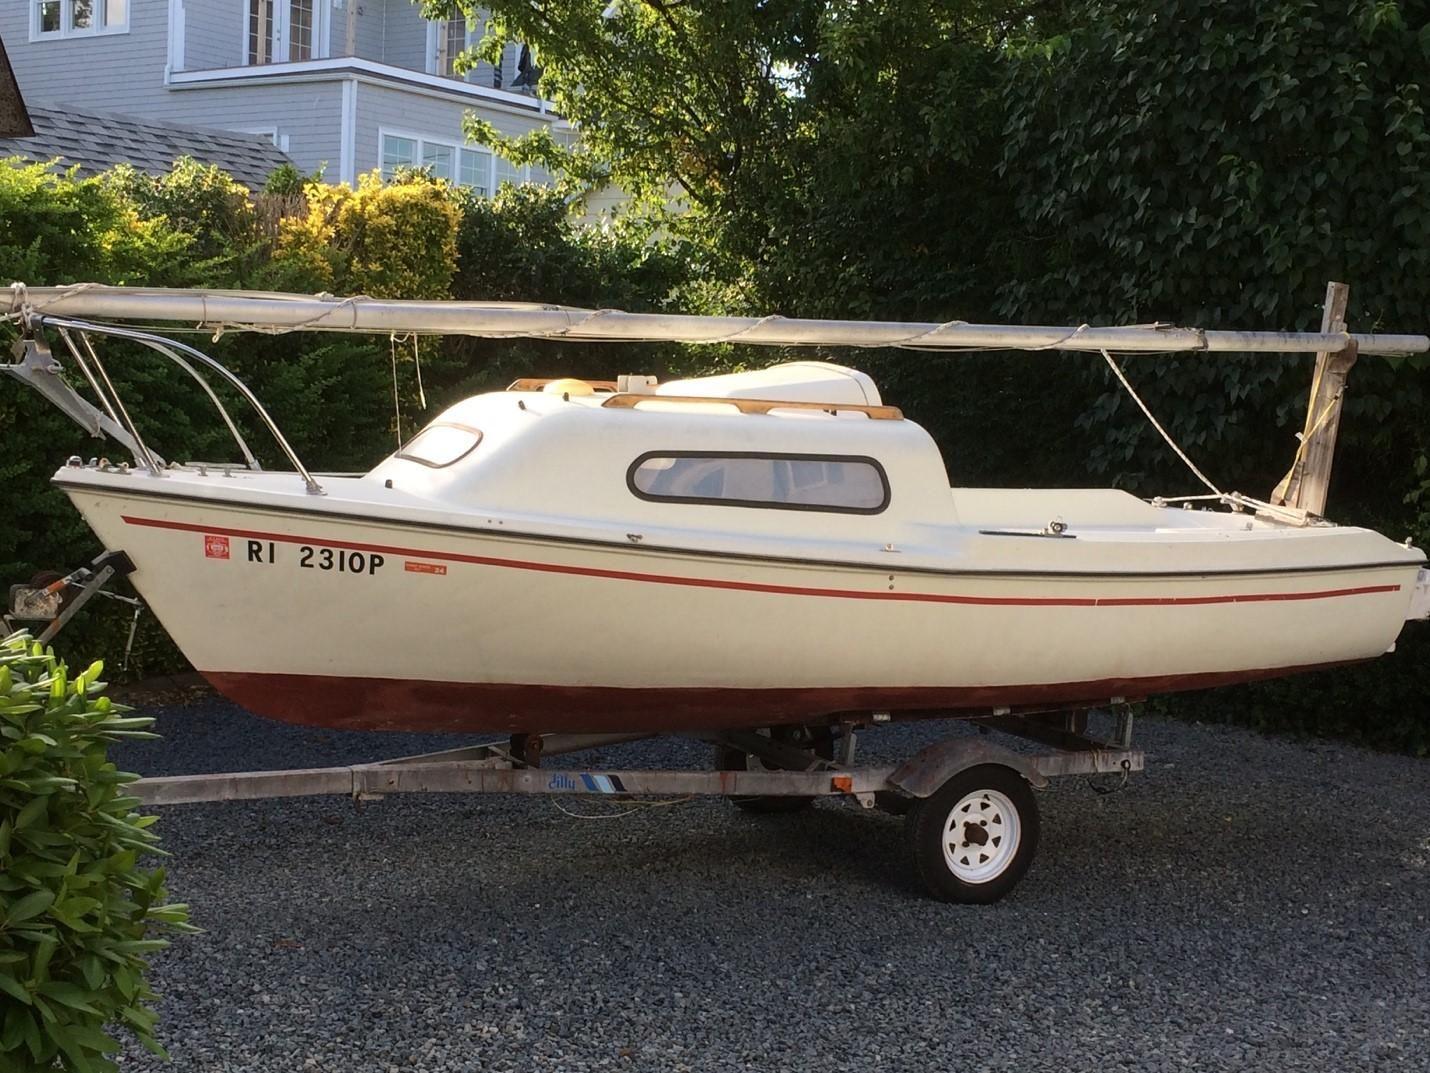 Honda Dealers Ri >> 1981 Vandestadt & McGruer Siren Sail Boat For Sale - www.yachtworld.com